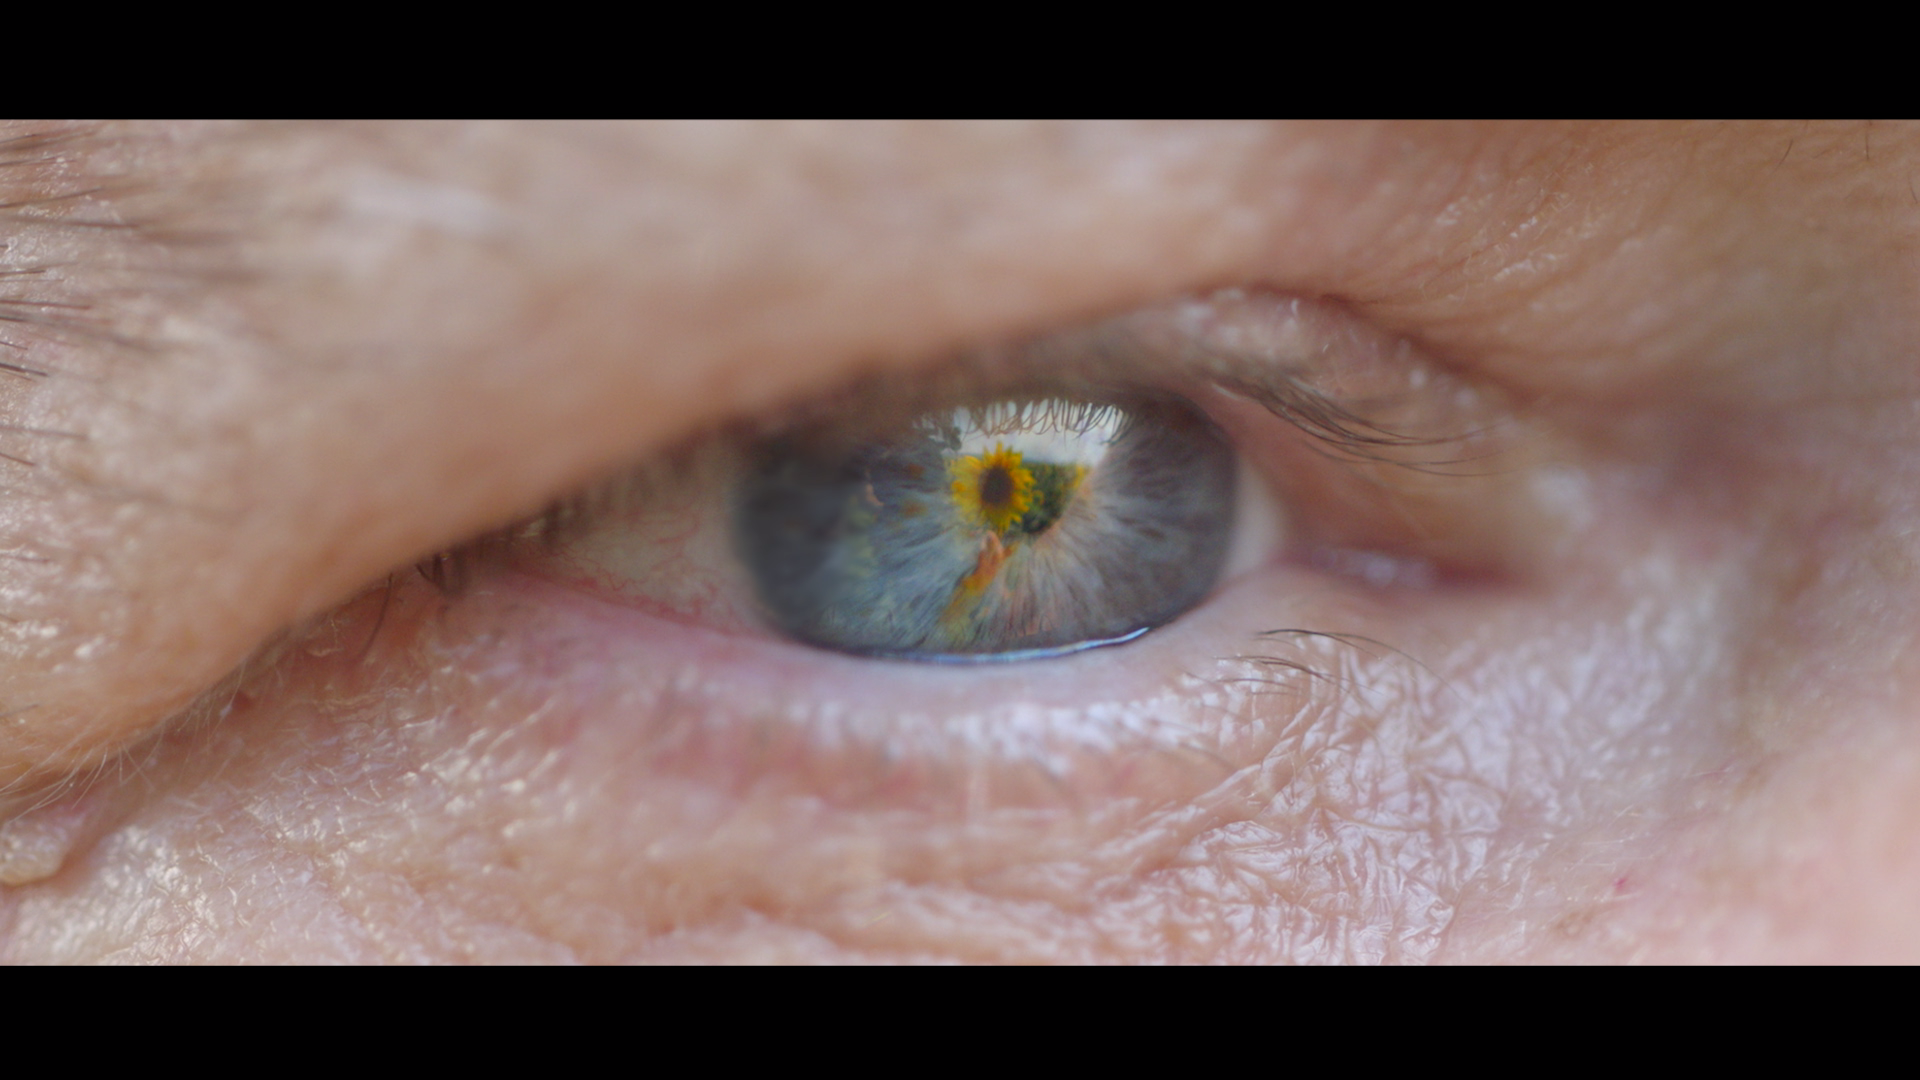 Poza din clip